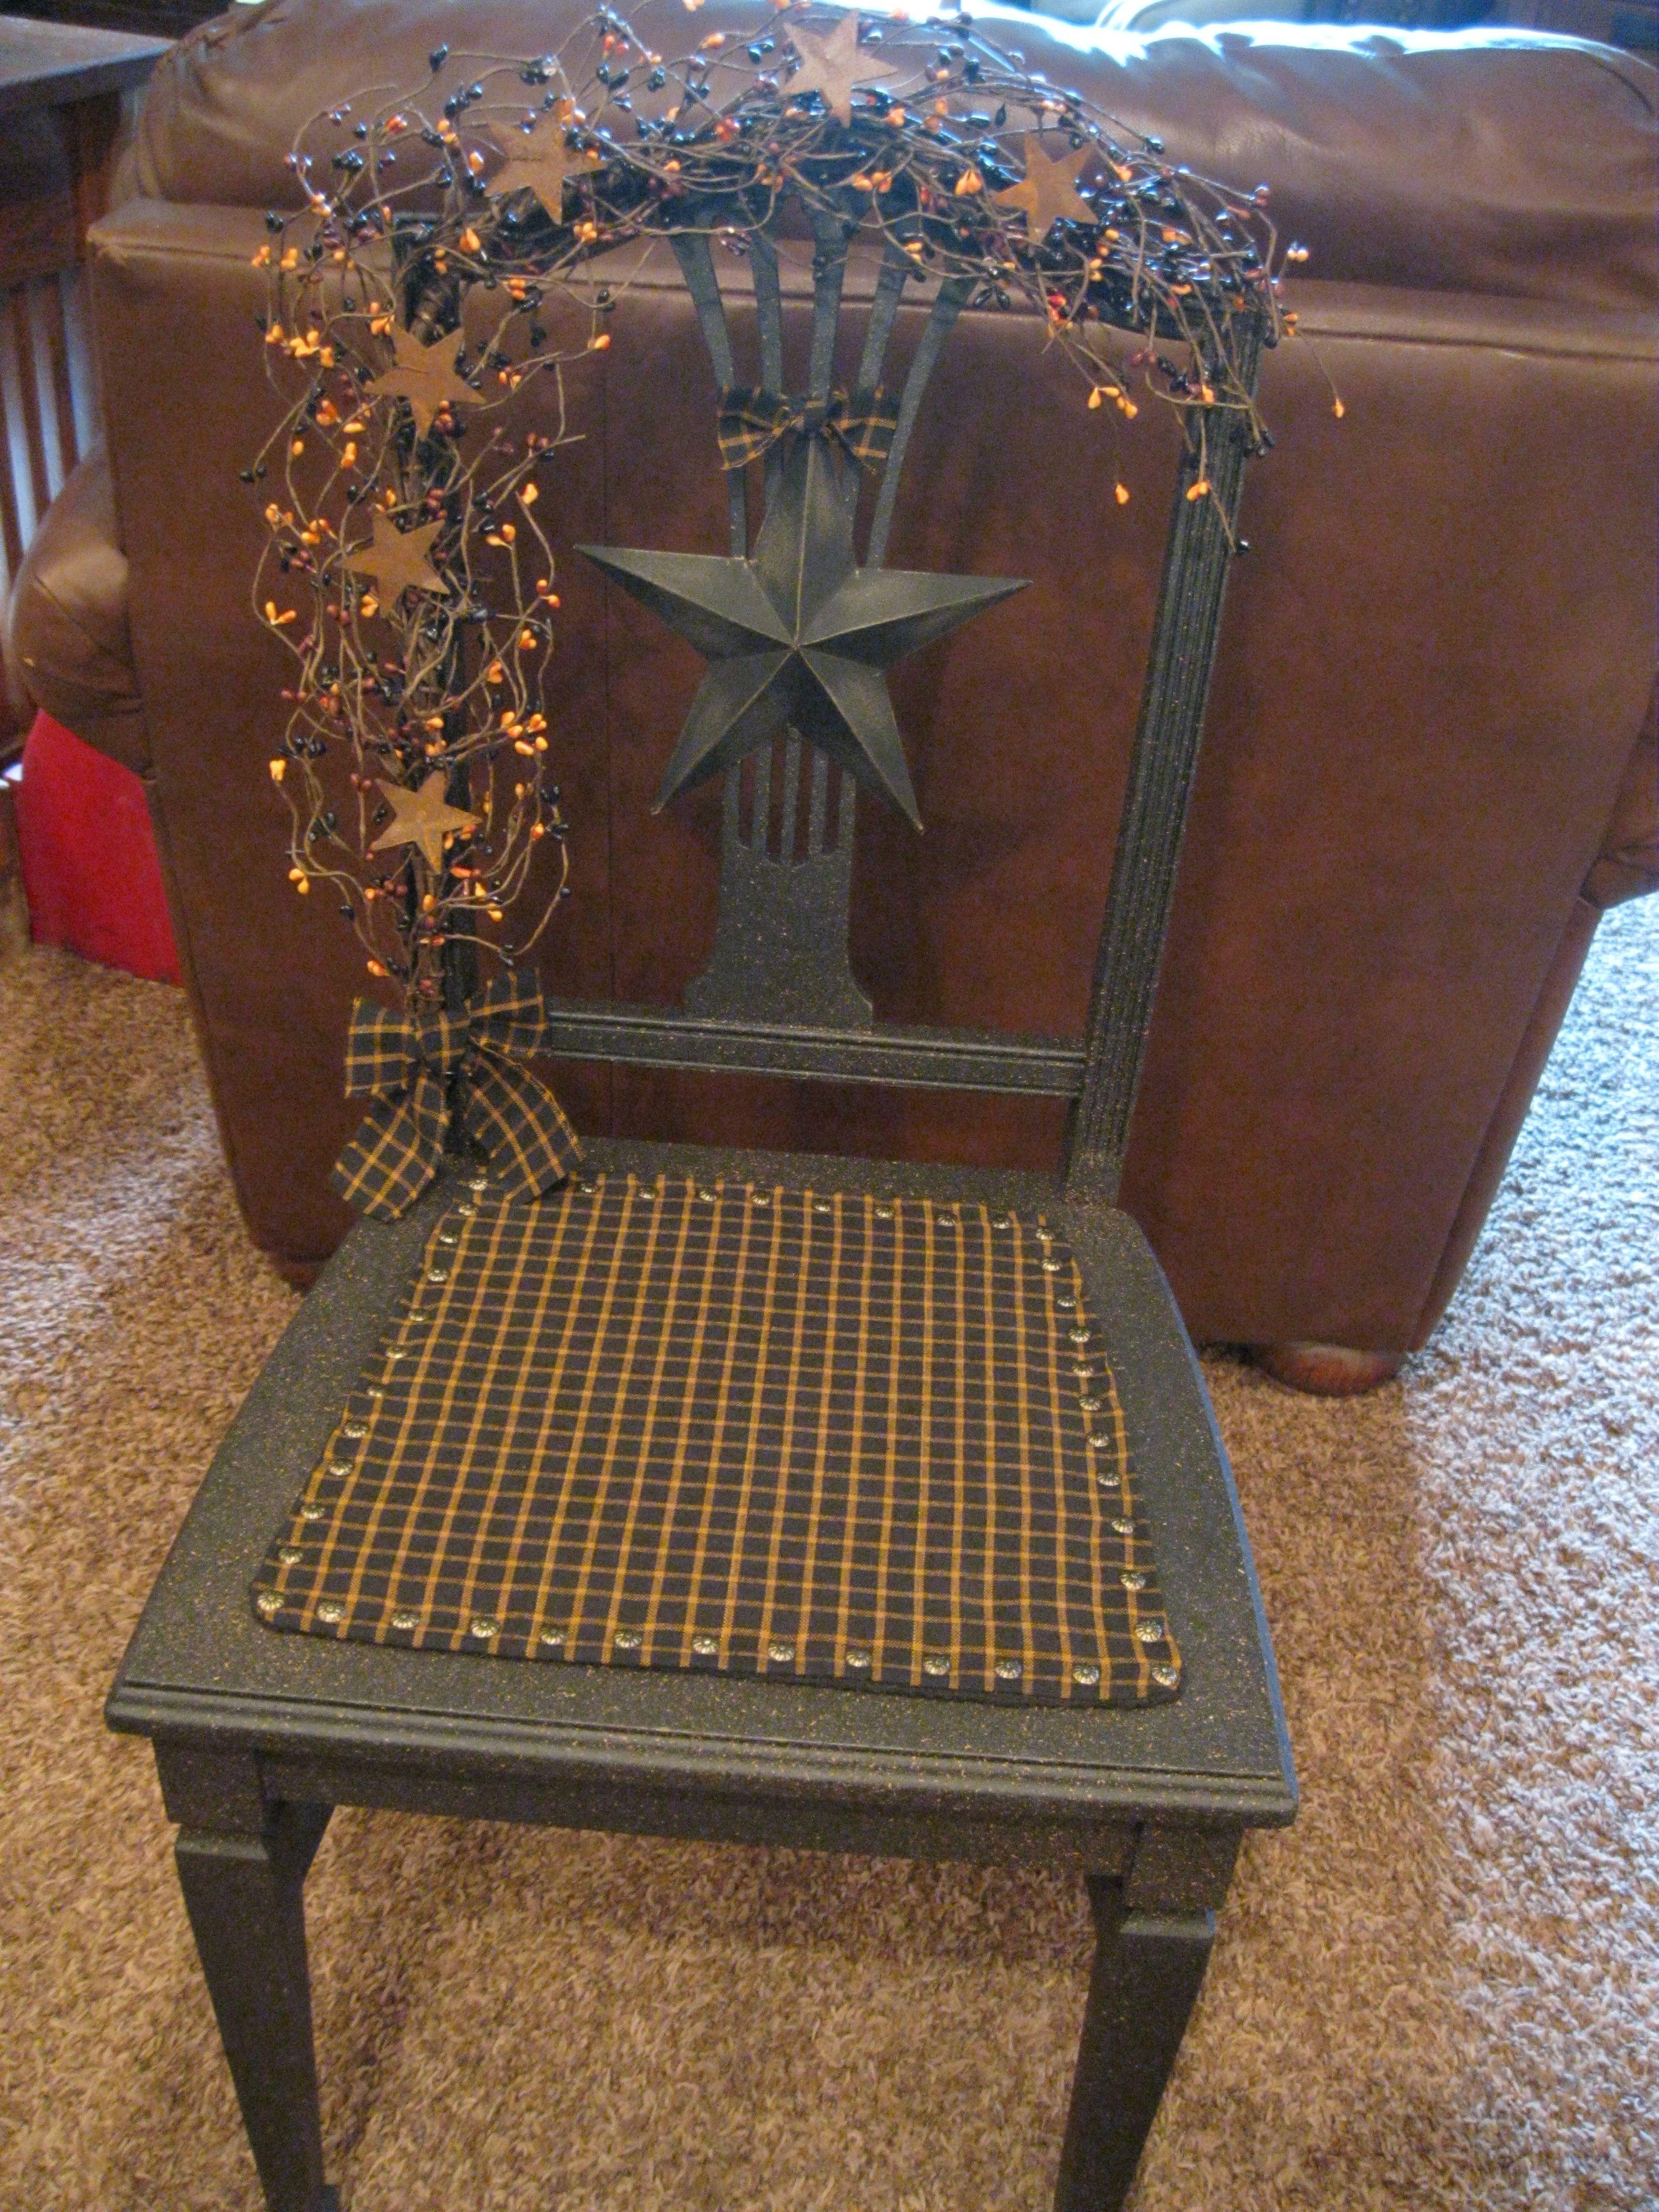 Primitive Grubby Chair Https://www.facebook.com/pages/Primitive